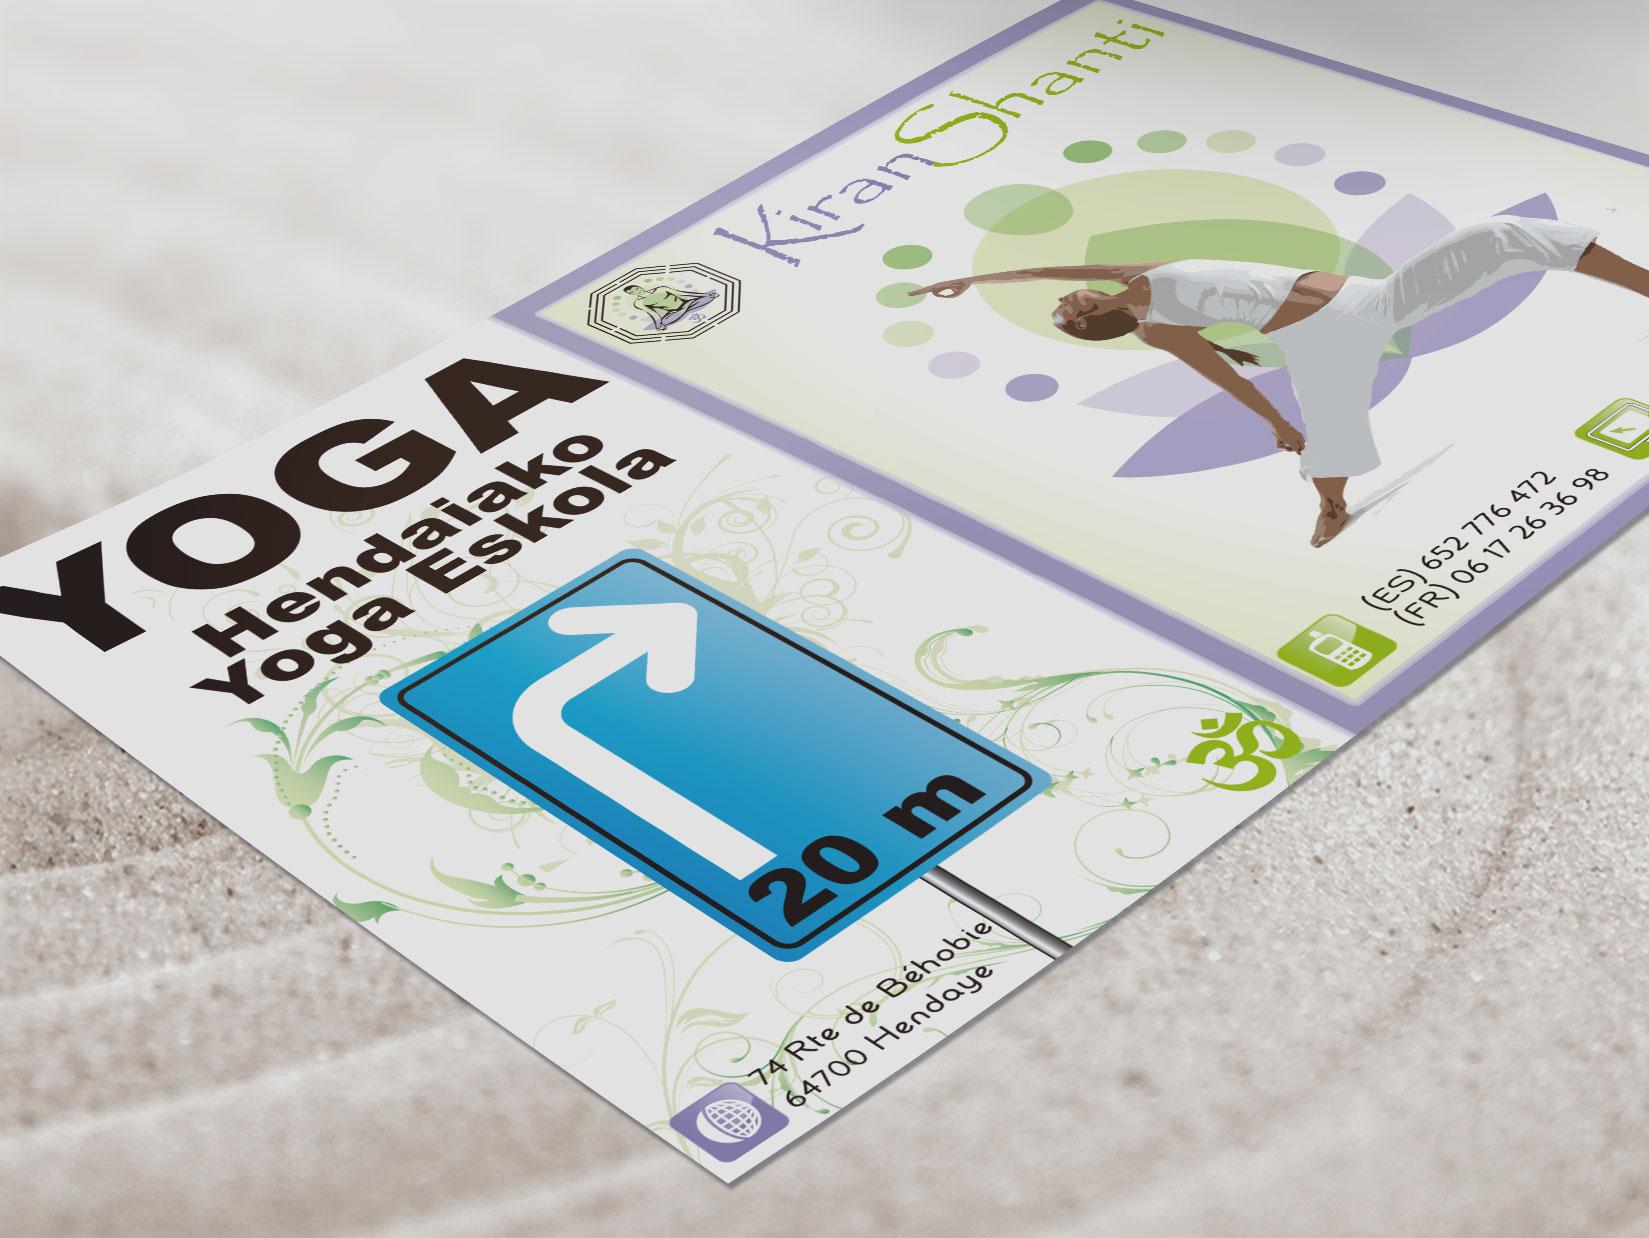 Diseño Logo. Diseño gráfico e impresión de carteles, vinilos, folletos para KiranShanti.